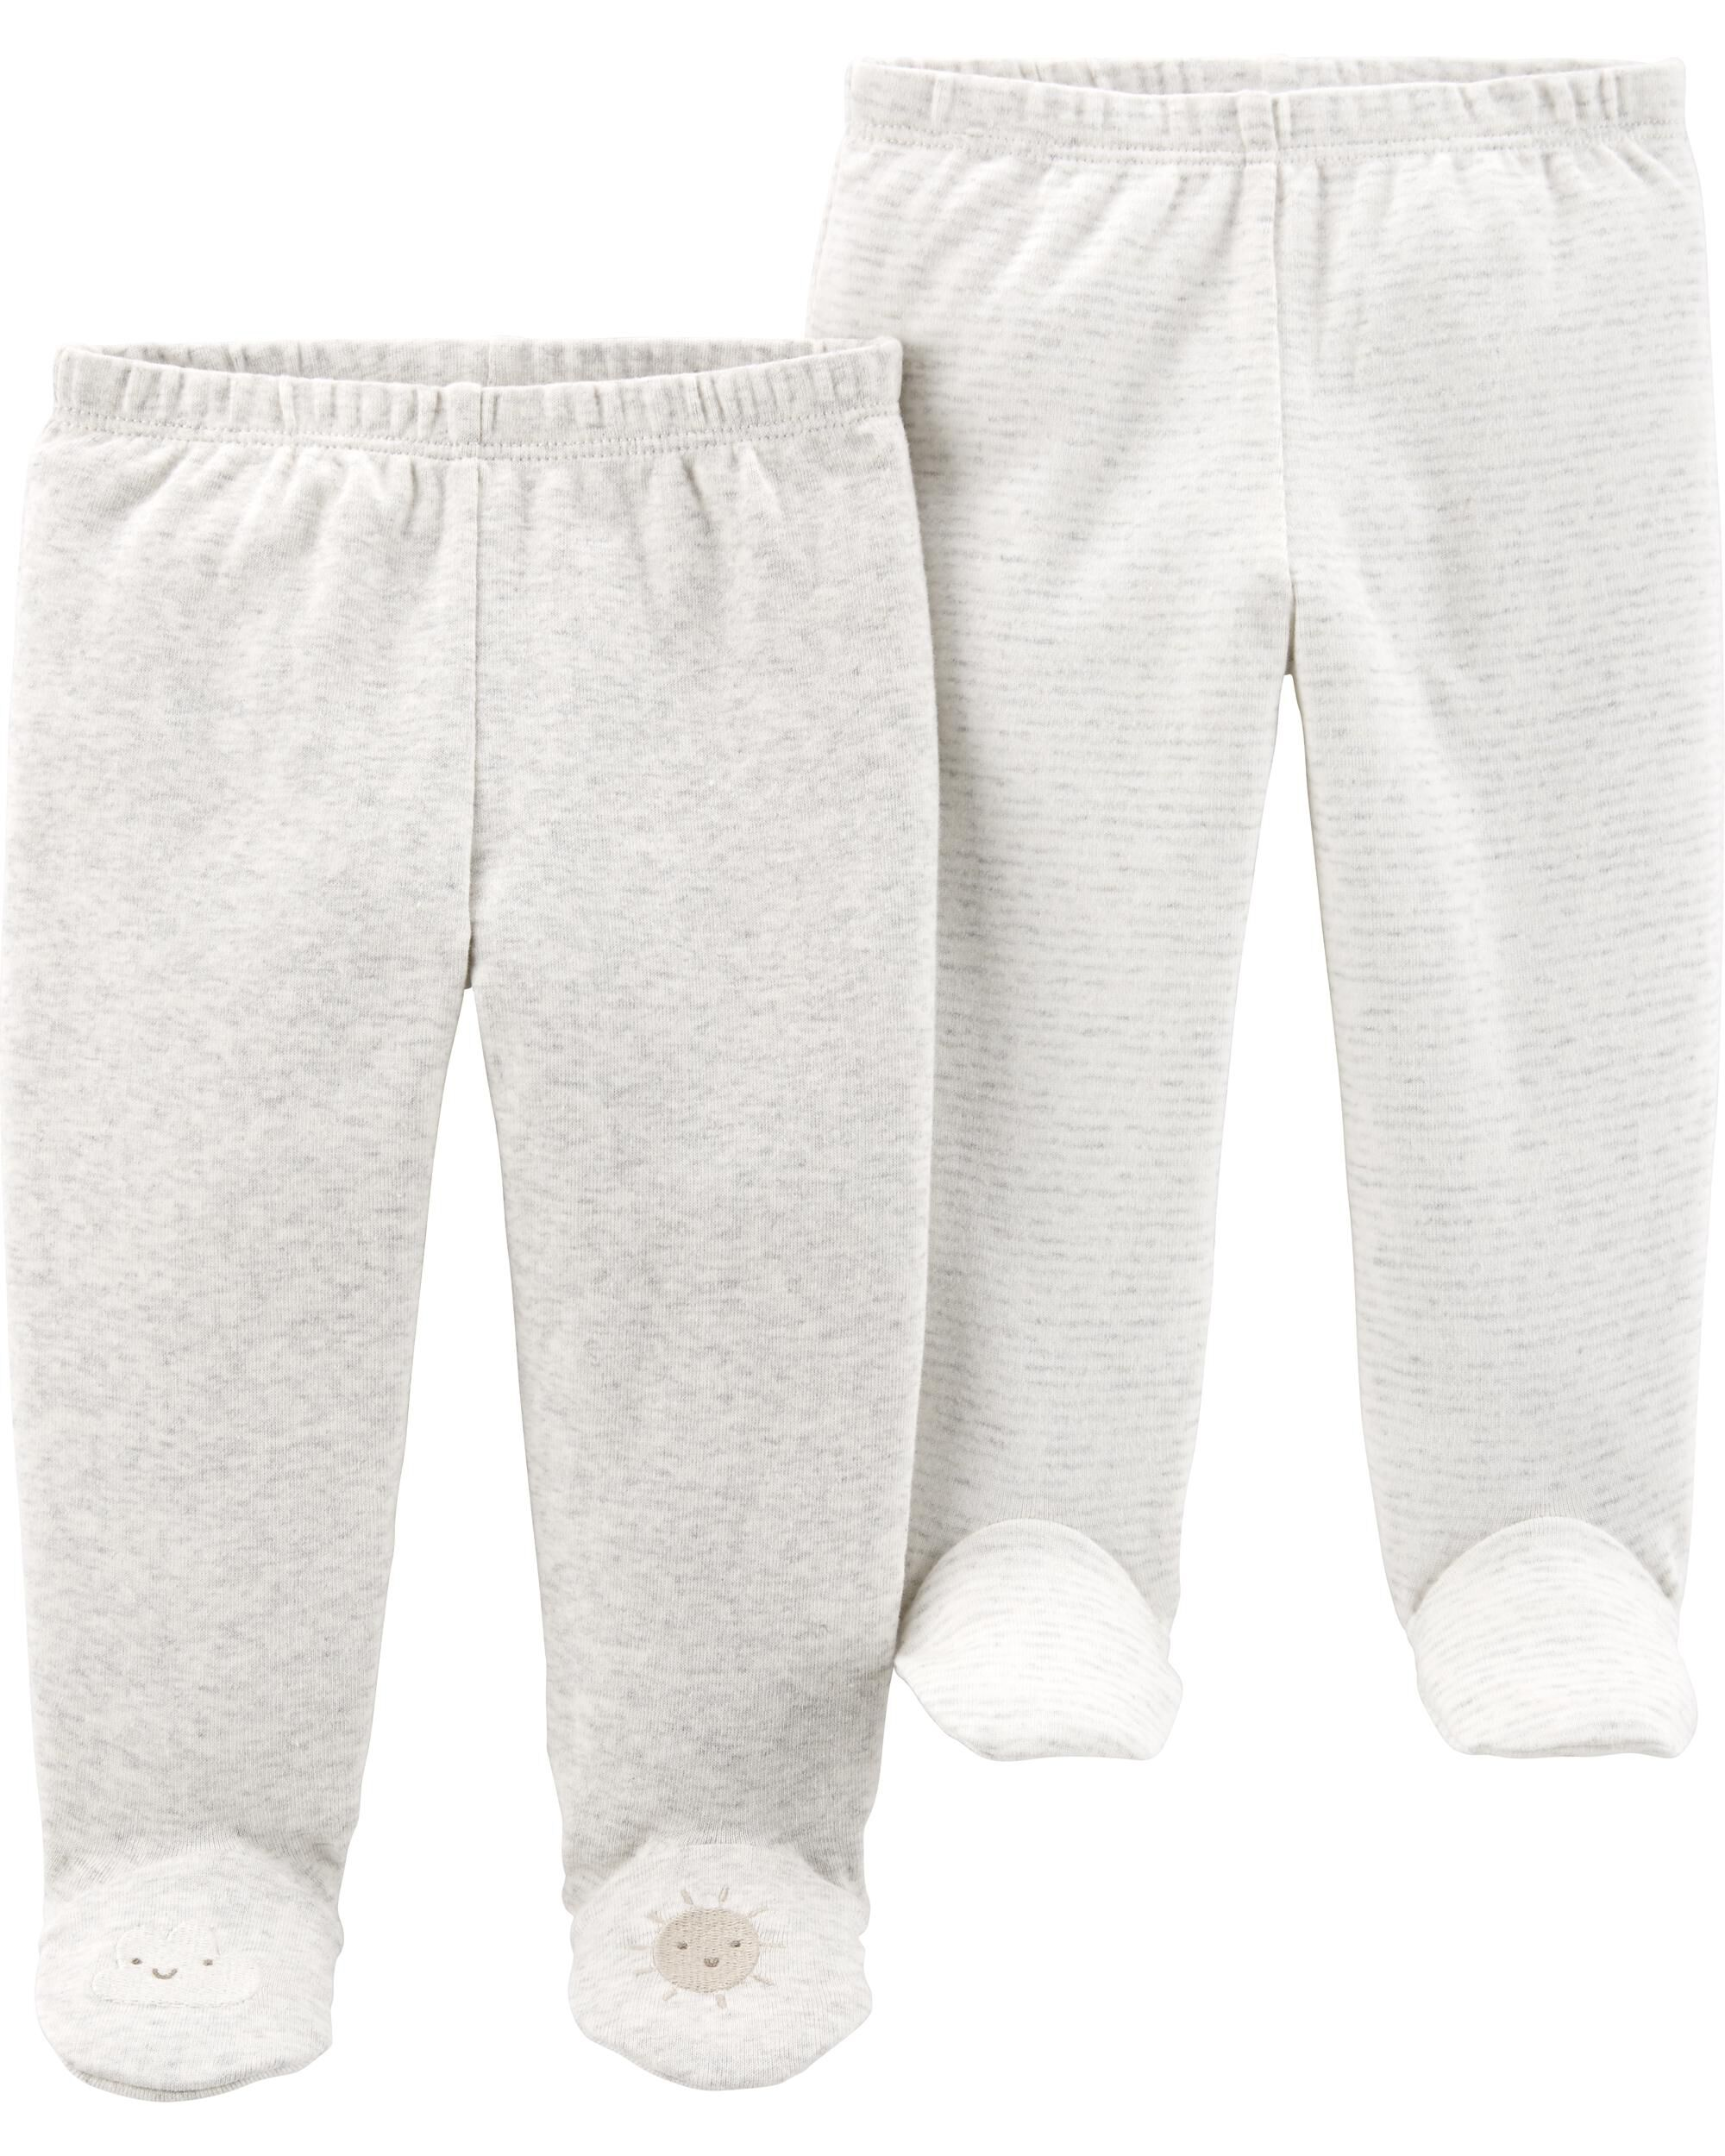 Carters Girls Baby Toddler Kids 2 Pack Cotton Leggings